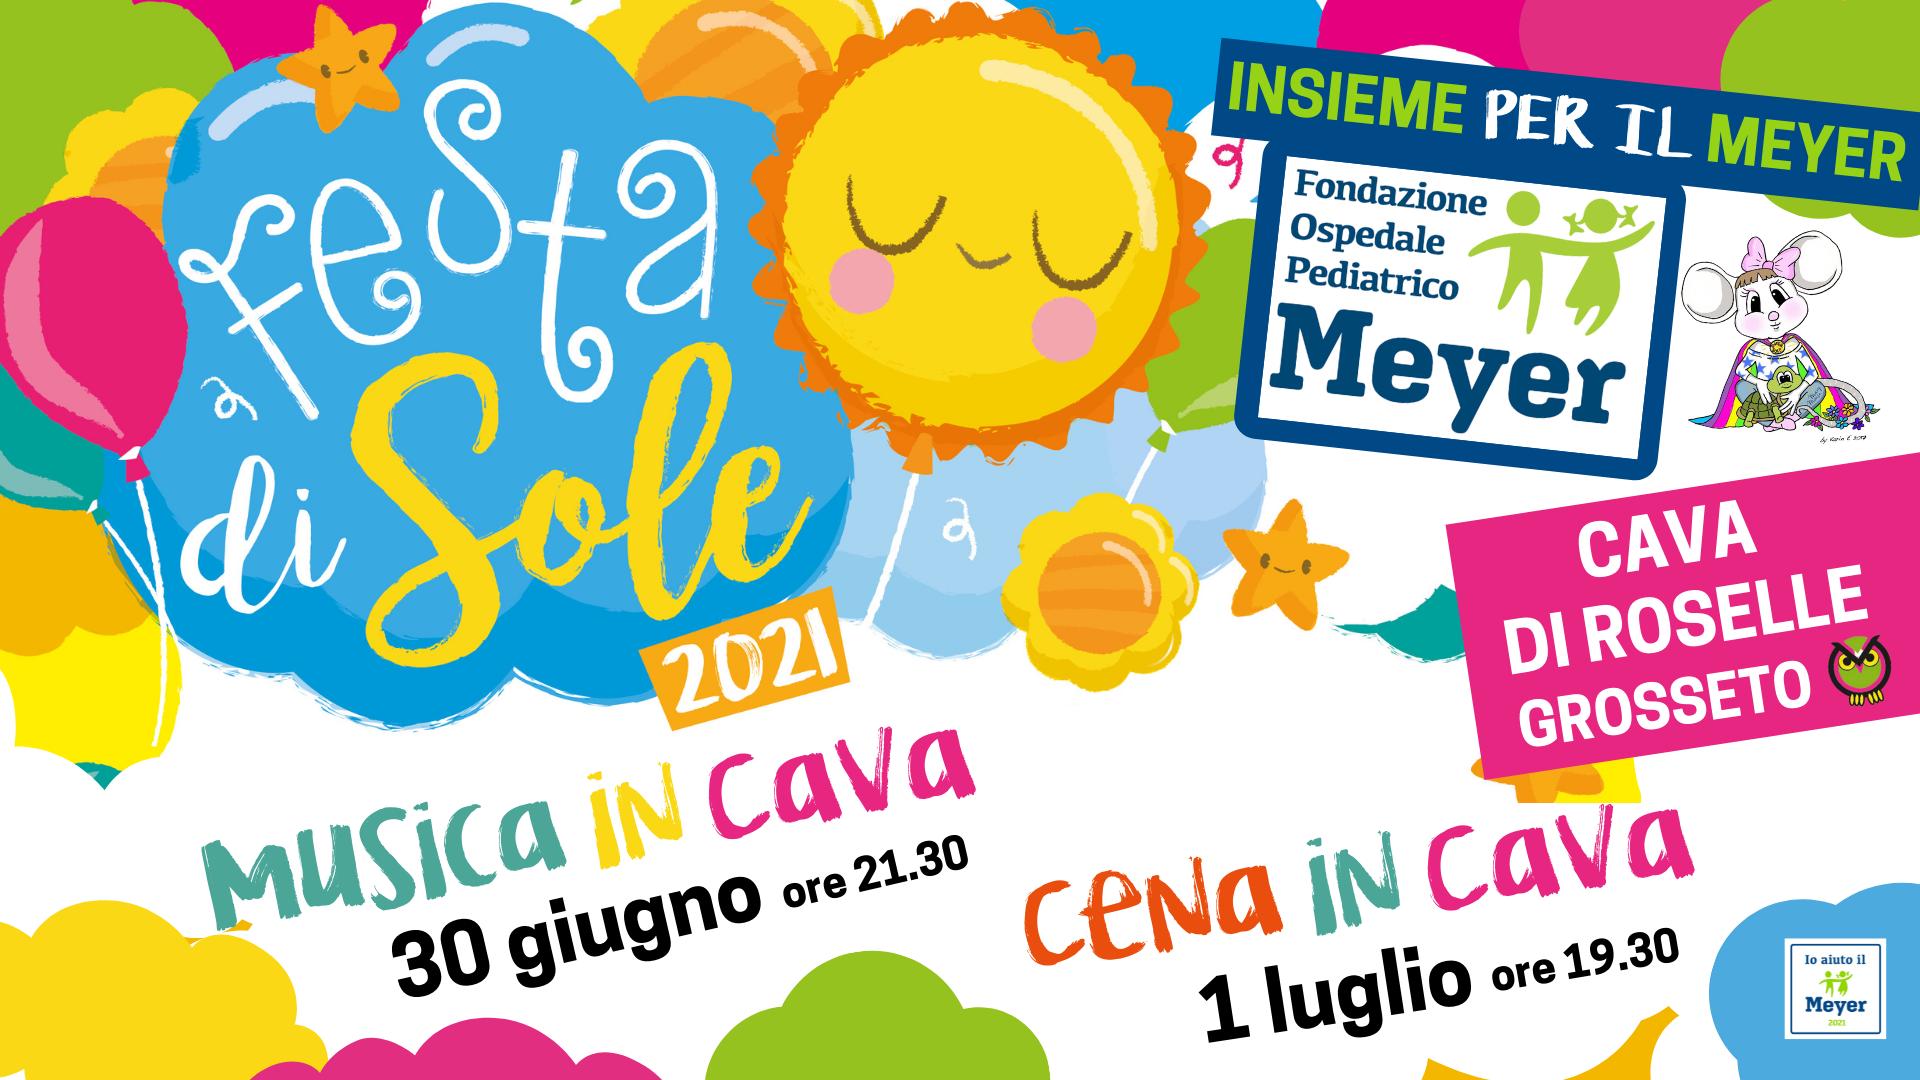 Festa di sole – 30 giugno e 1 luglio 2021